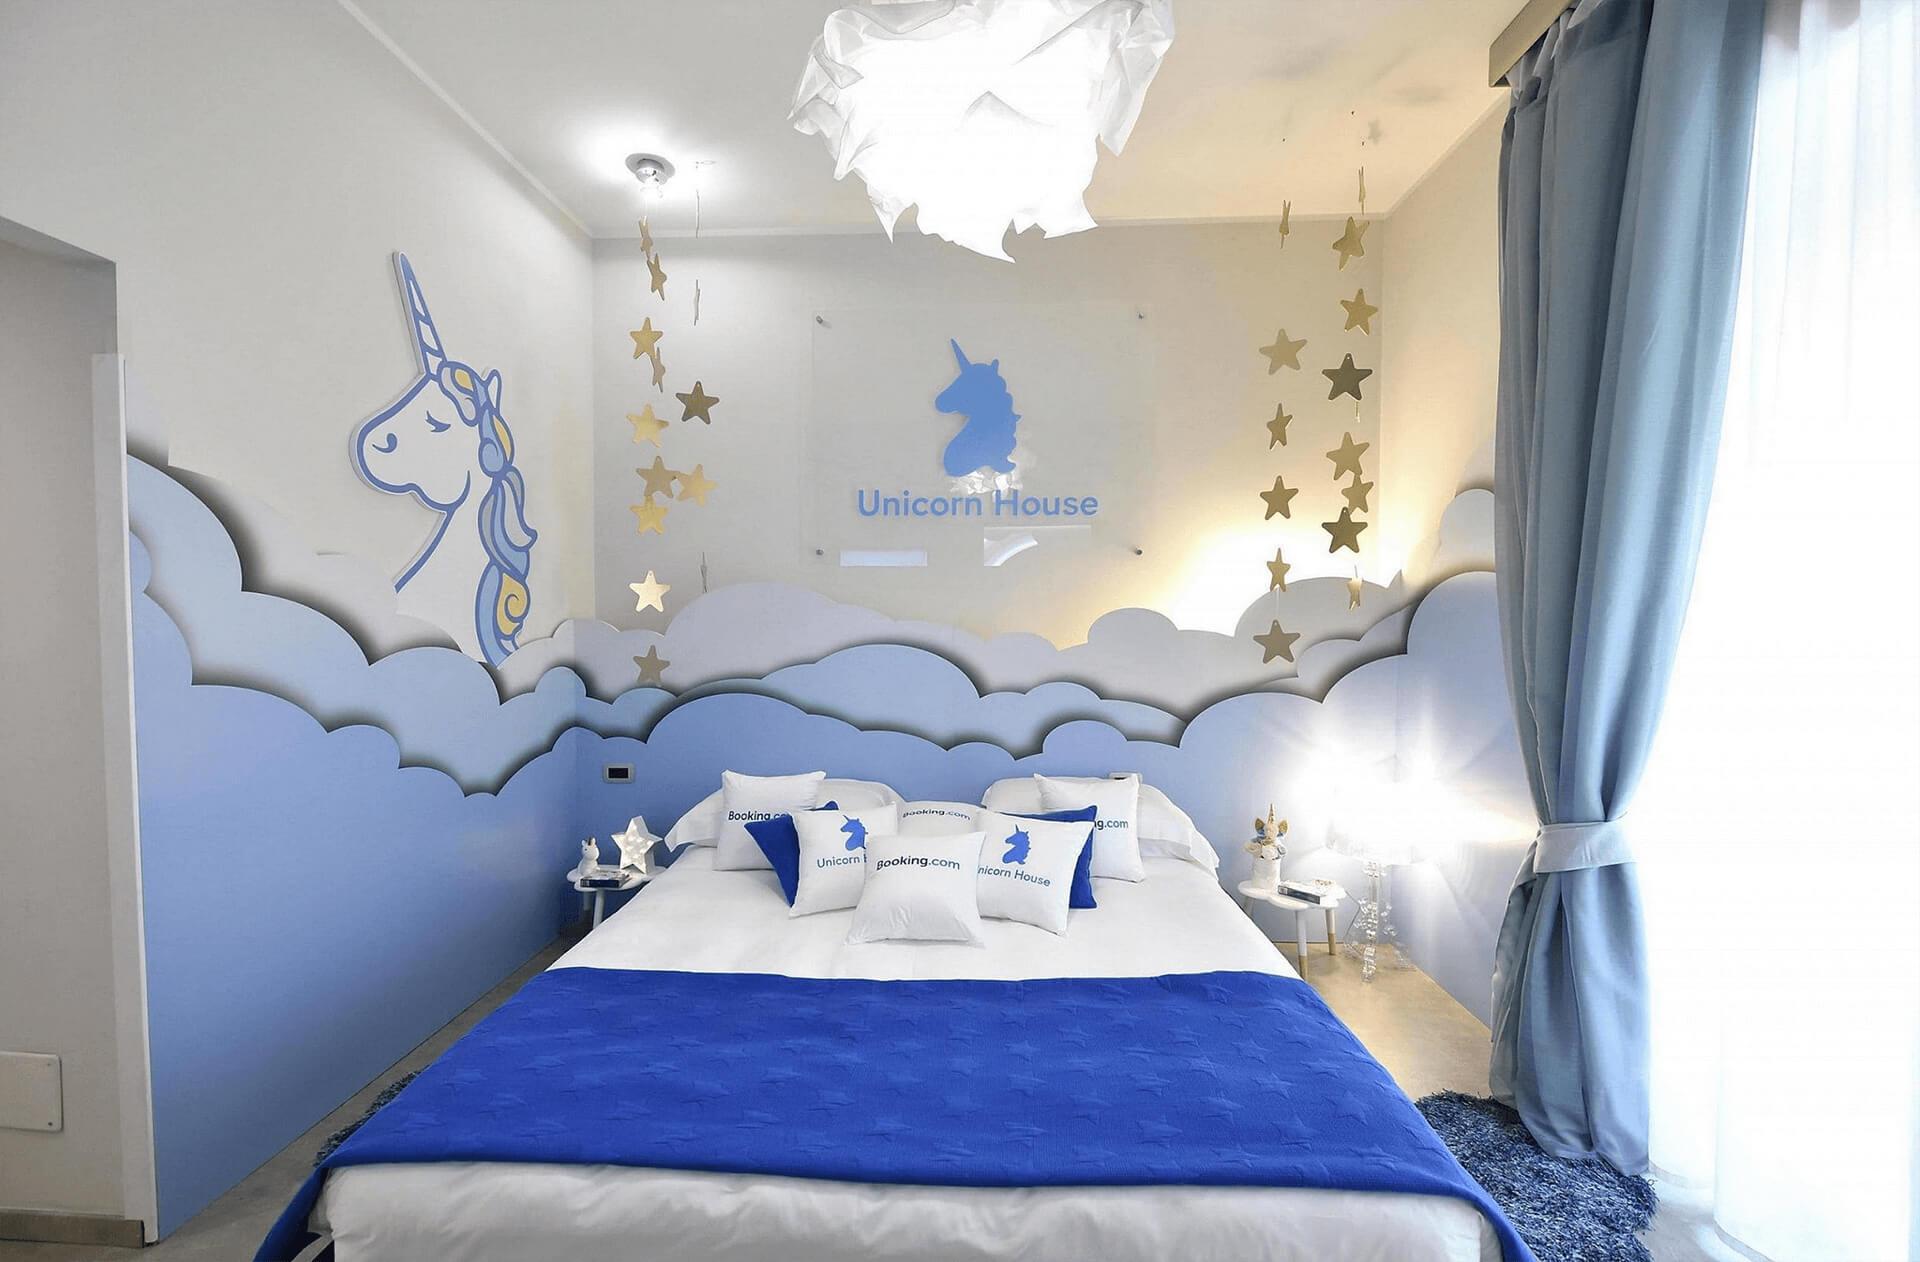 Allestimenti Grafox - Fiere ed Eventi - Unicorn House - Milano